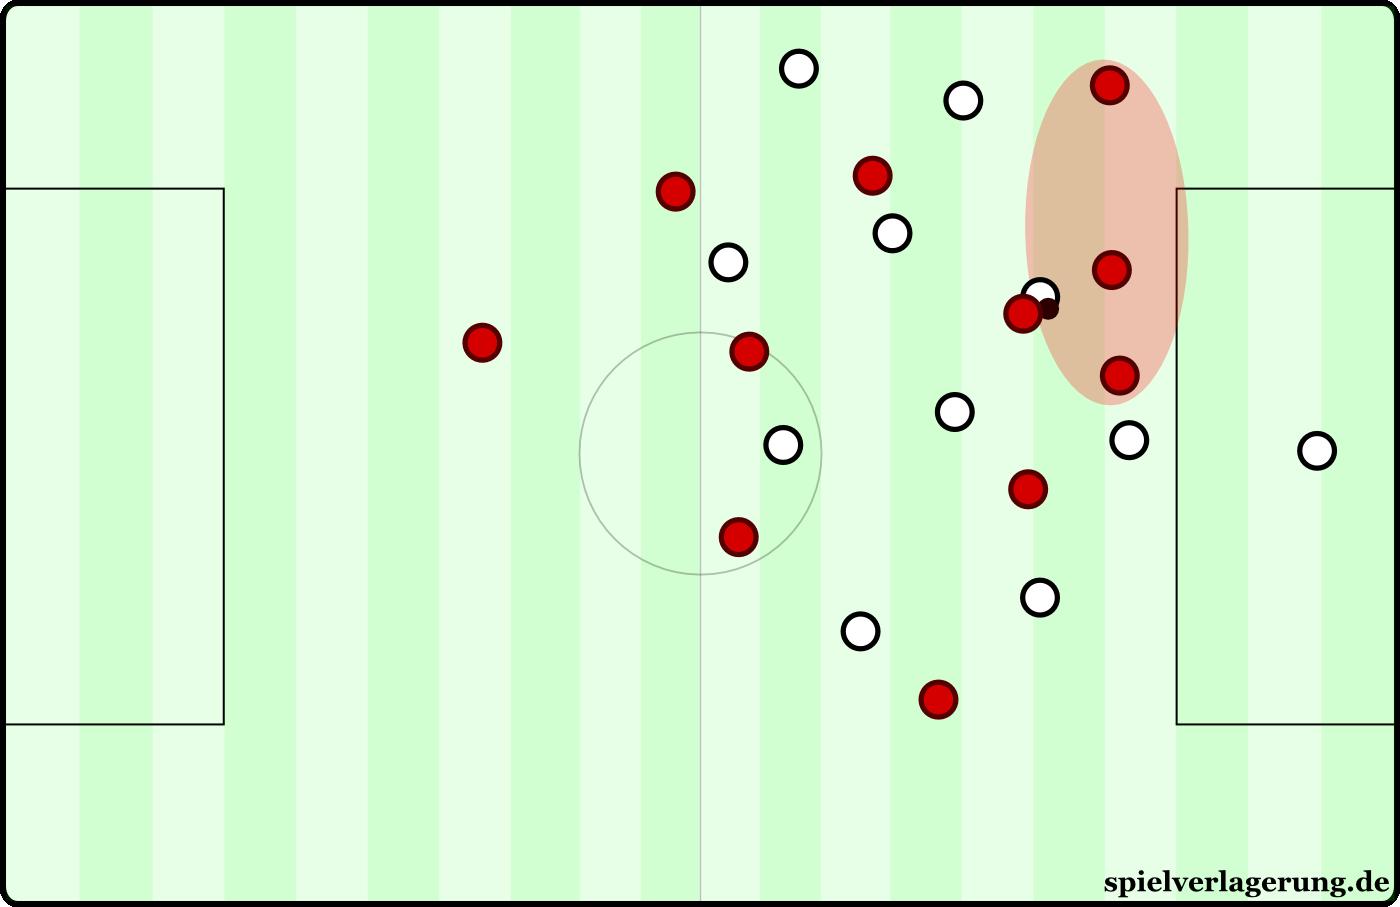 Ein beispielhafter und natürlich übertrieben gut verlaufener Gegenkonter. Die Balleroberung erzeugt Möglichkeiten, die wohl kein Fußballer der Welt - exkl. Messi - könnte.